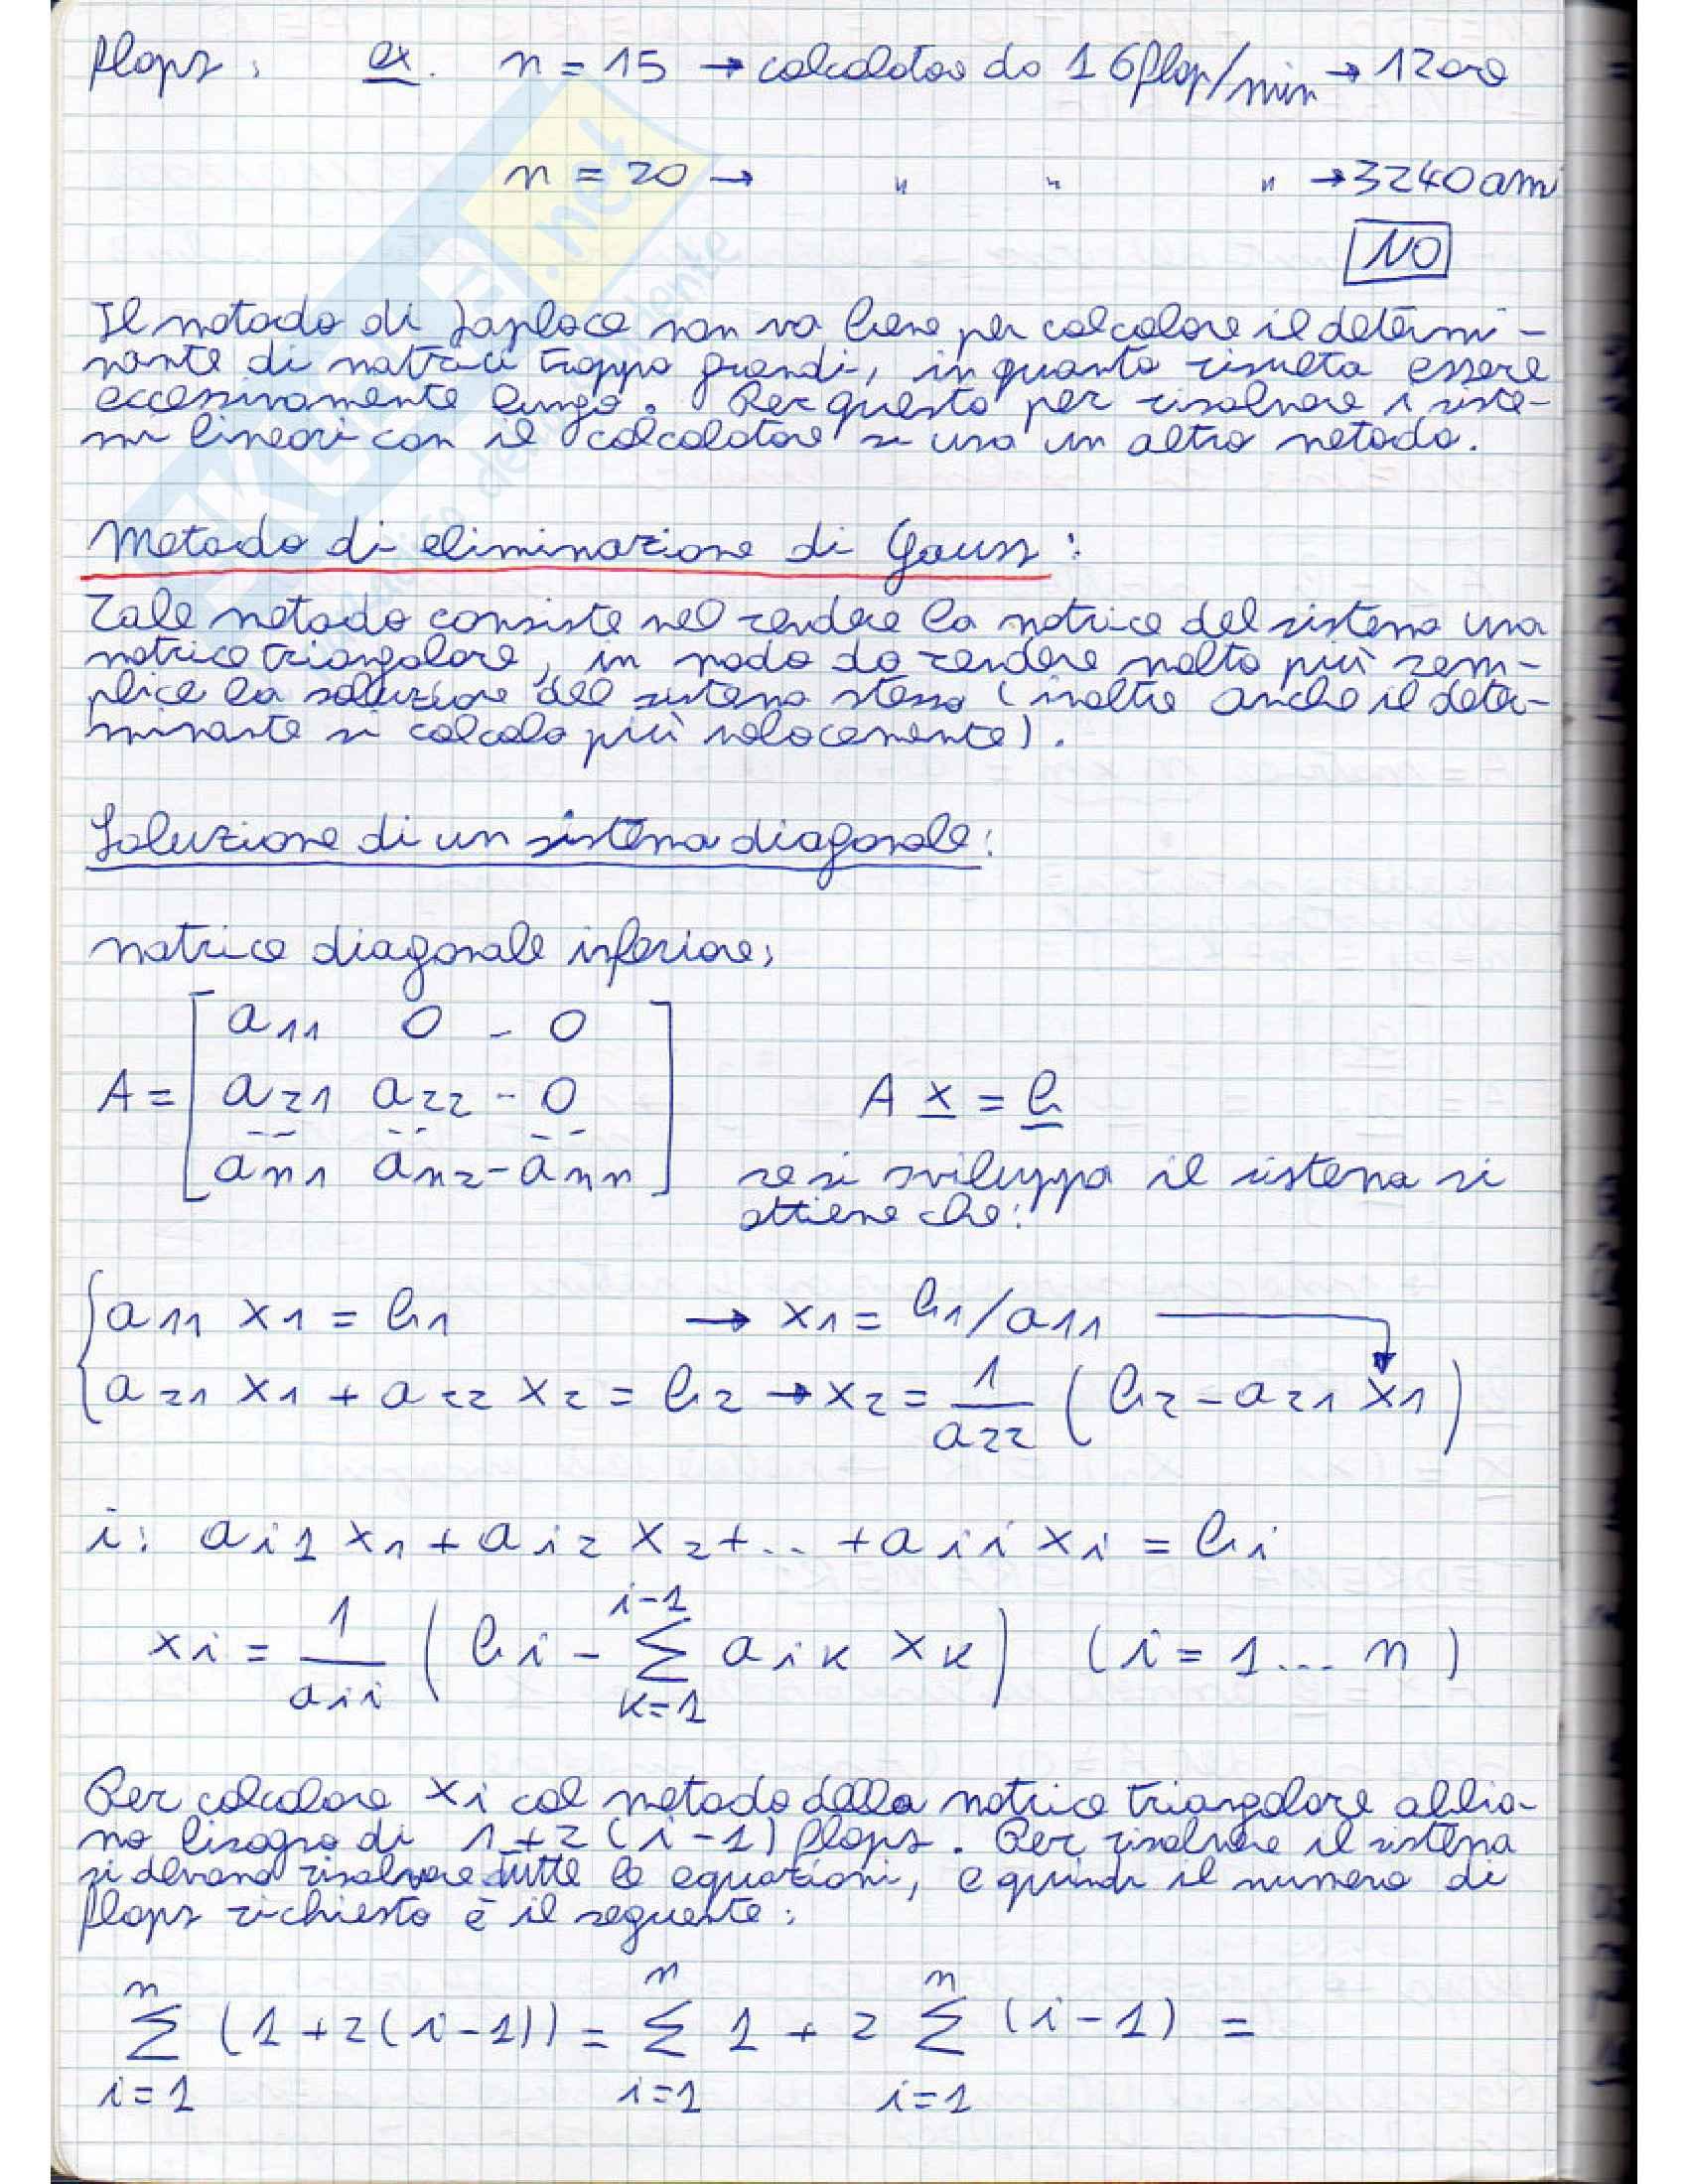 Metodi analitici e numerici per l'ingegneria - Appunti Pag. 2